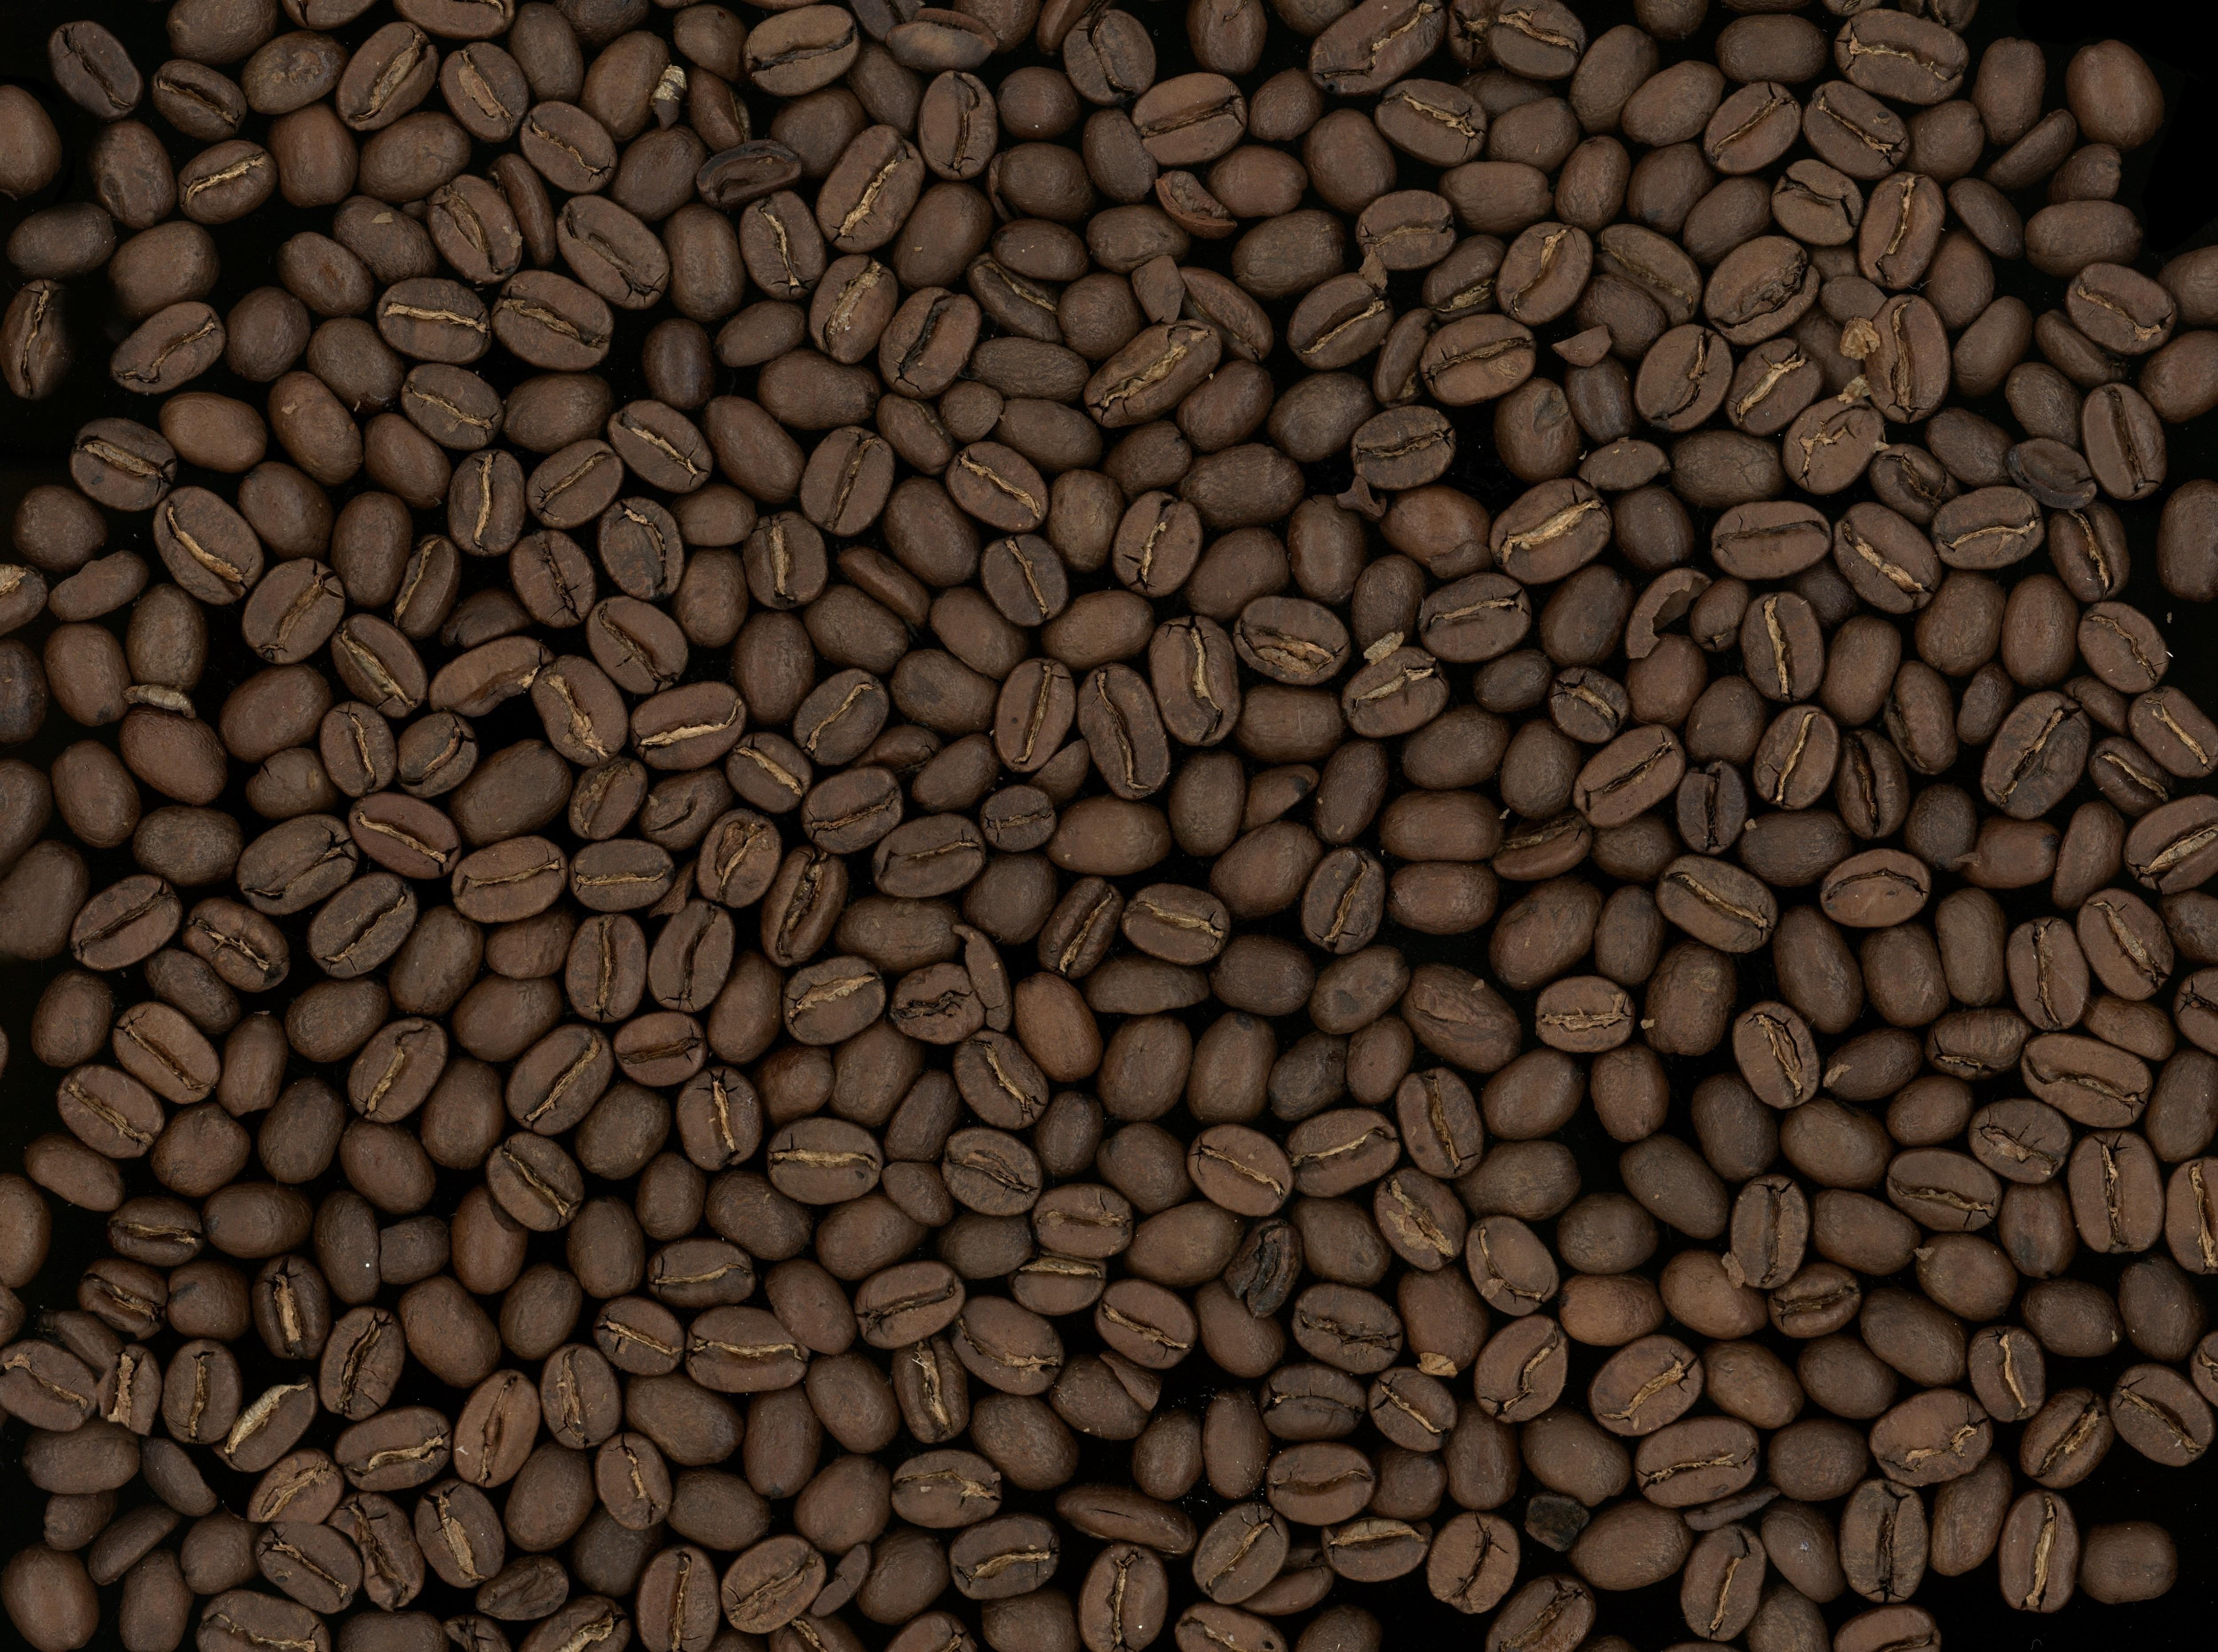 кофейные зерна мешковина ткань  № 3696111 загрузить